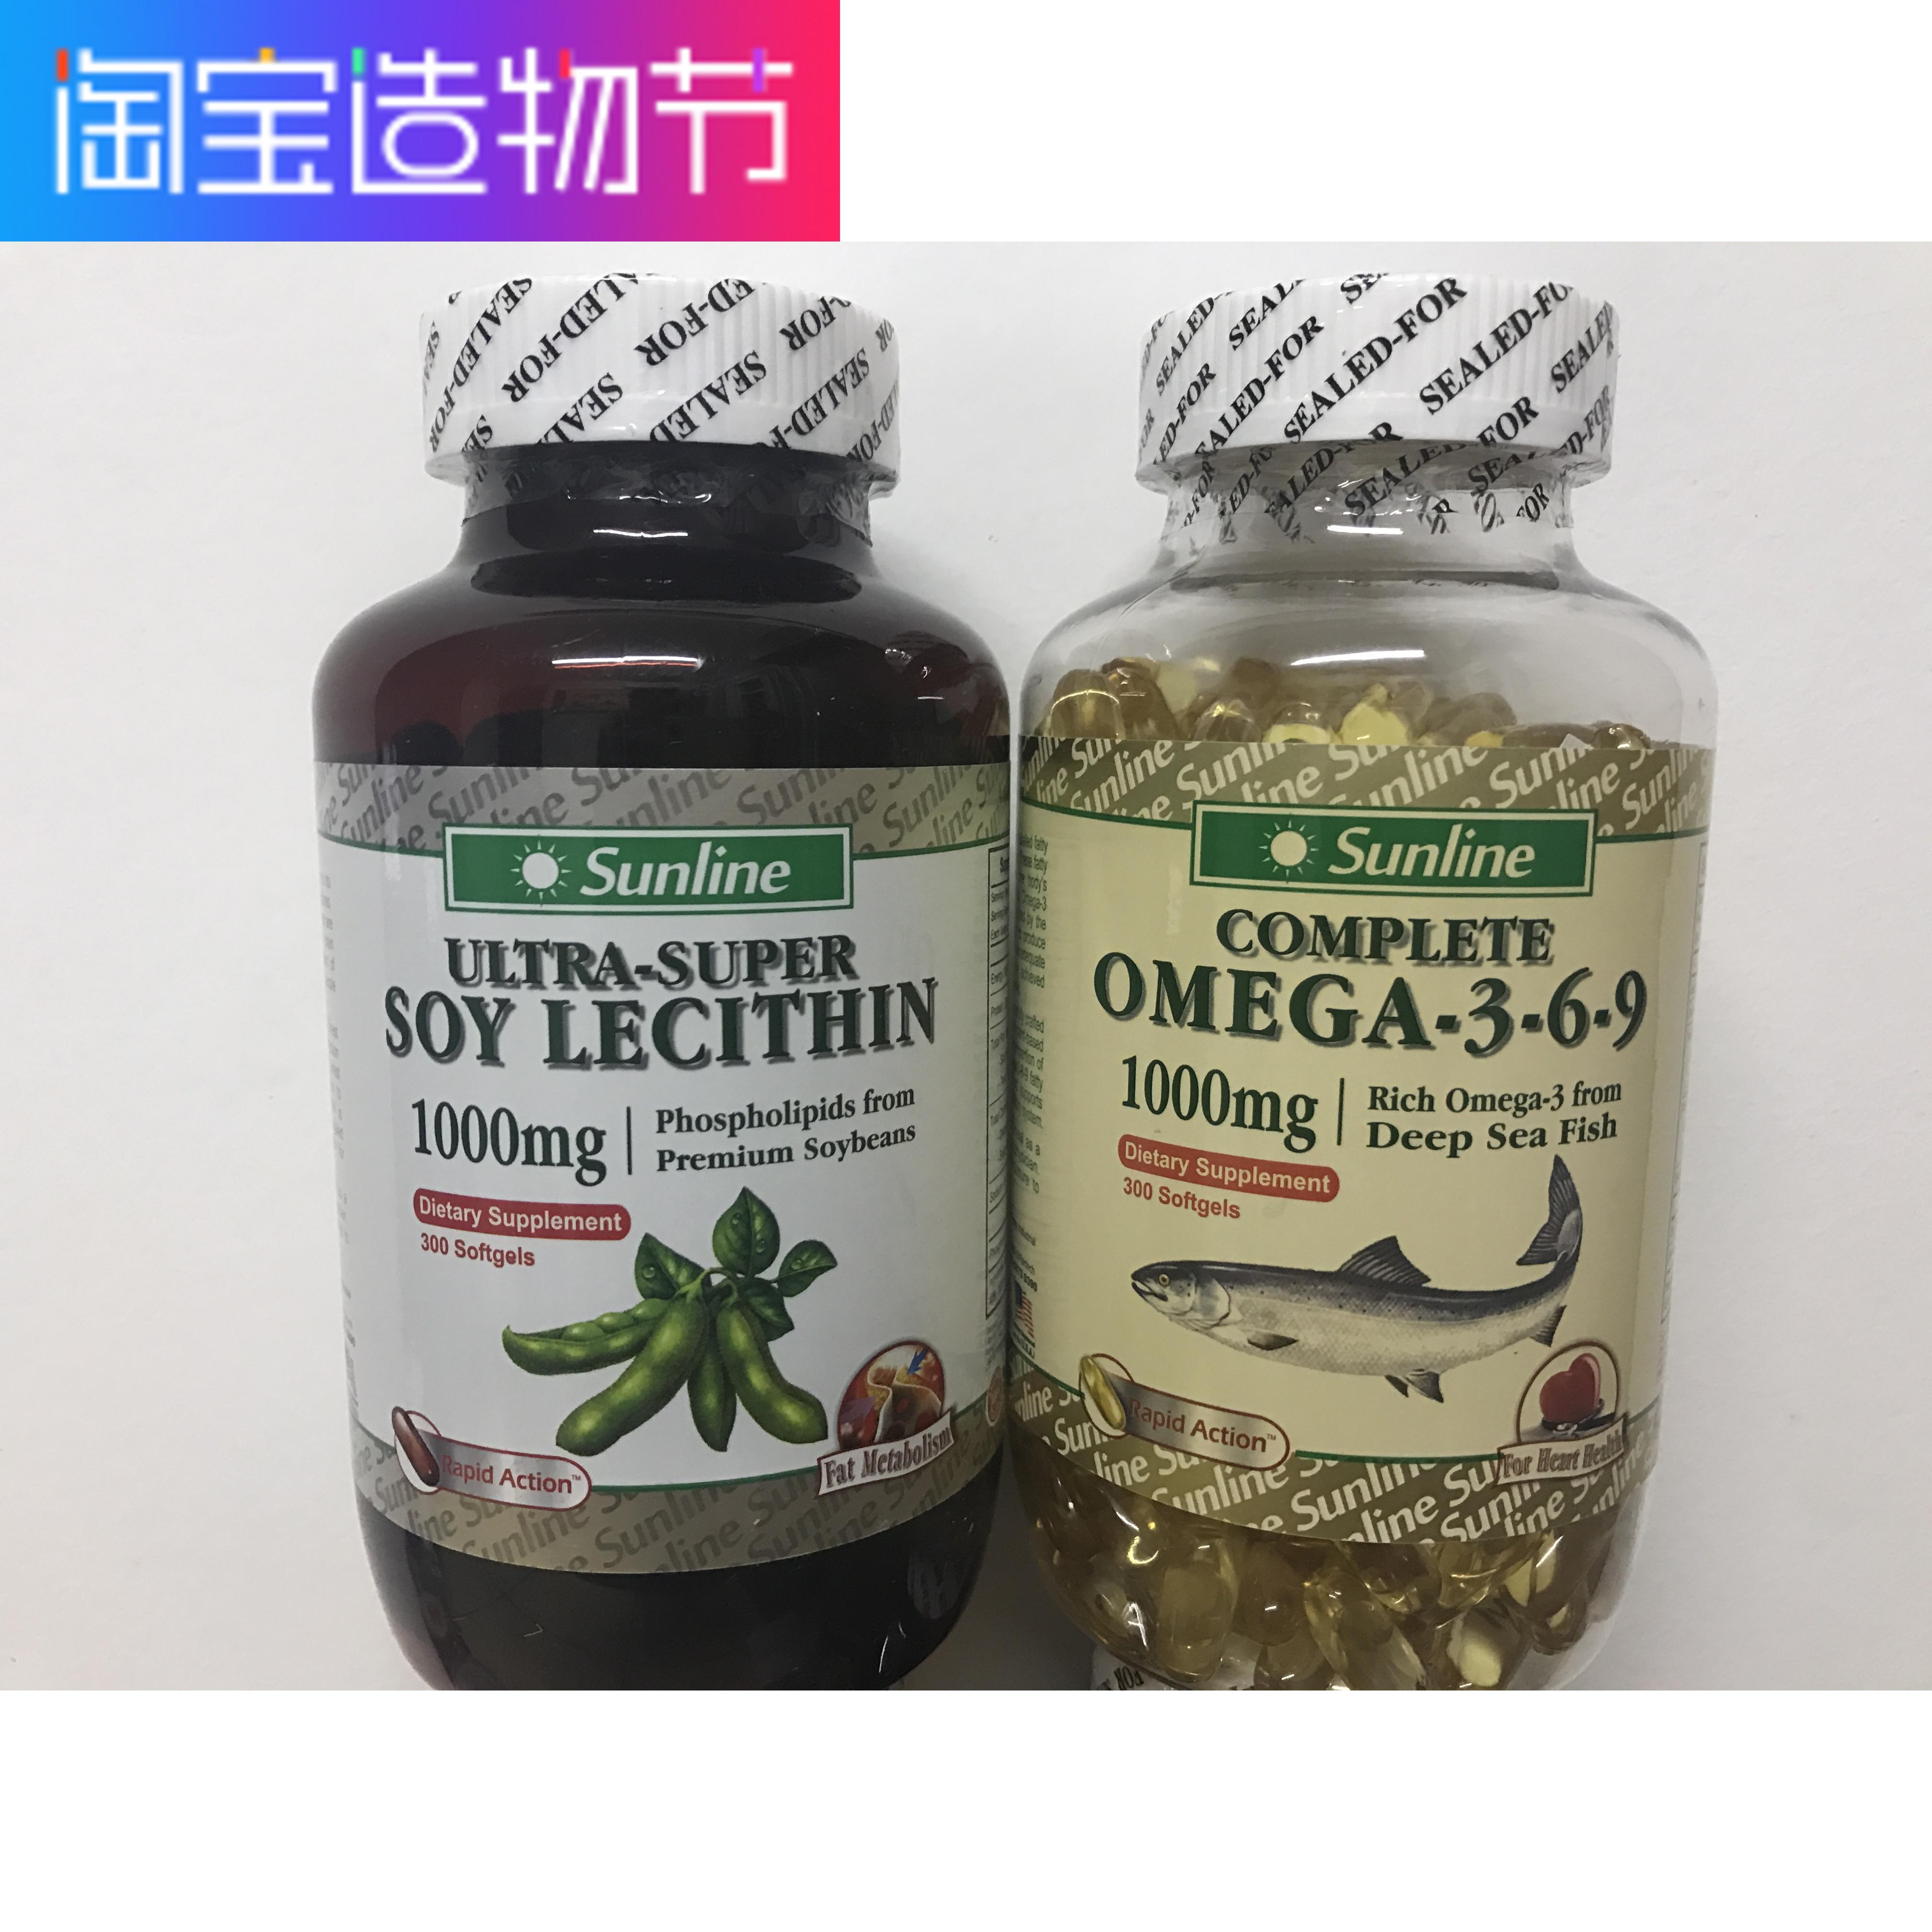 Sản phẩm y tế của Mỹ sunline Omega 3-6-9 dầu cá biển sâu lecithin hai chai 600 viên - Thực phẩm dinh dưỡng trong nước